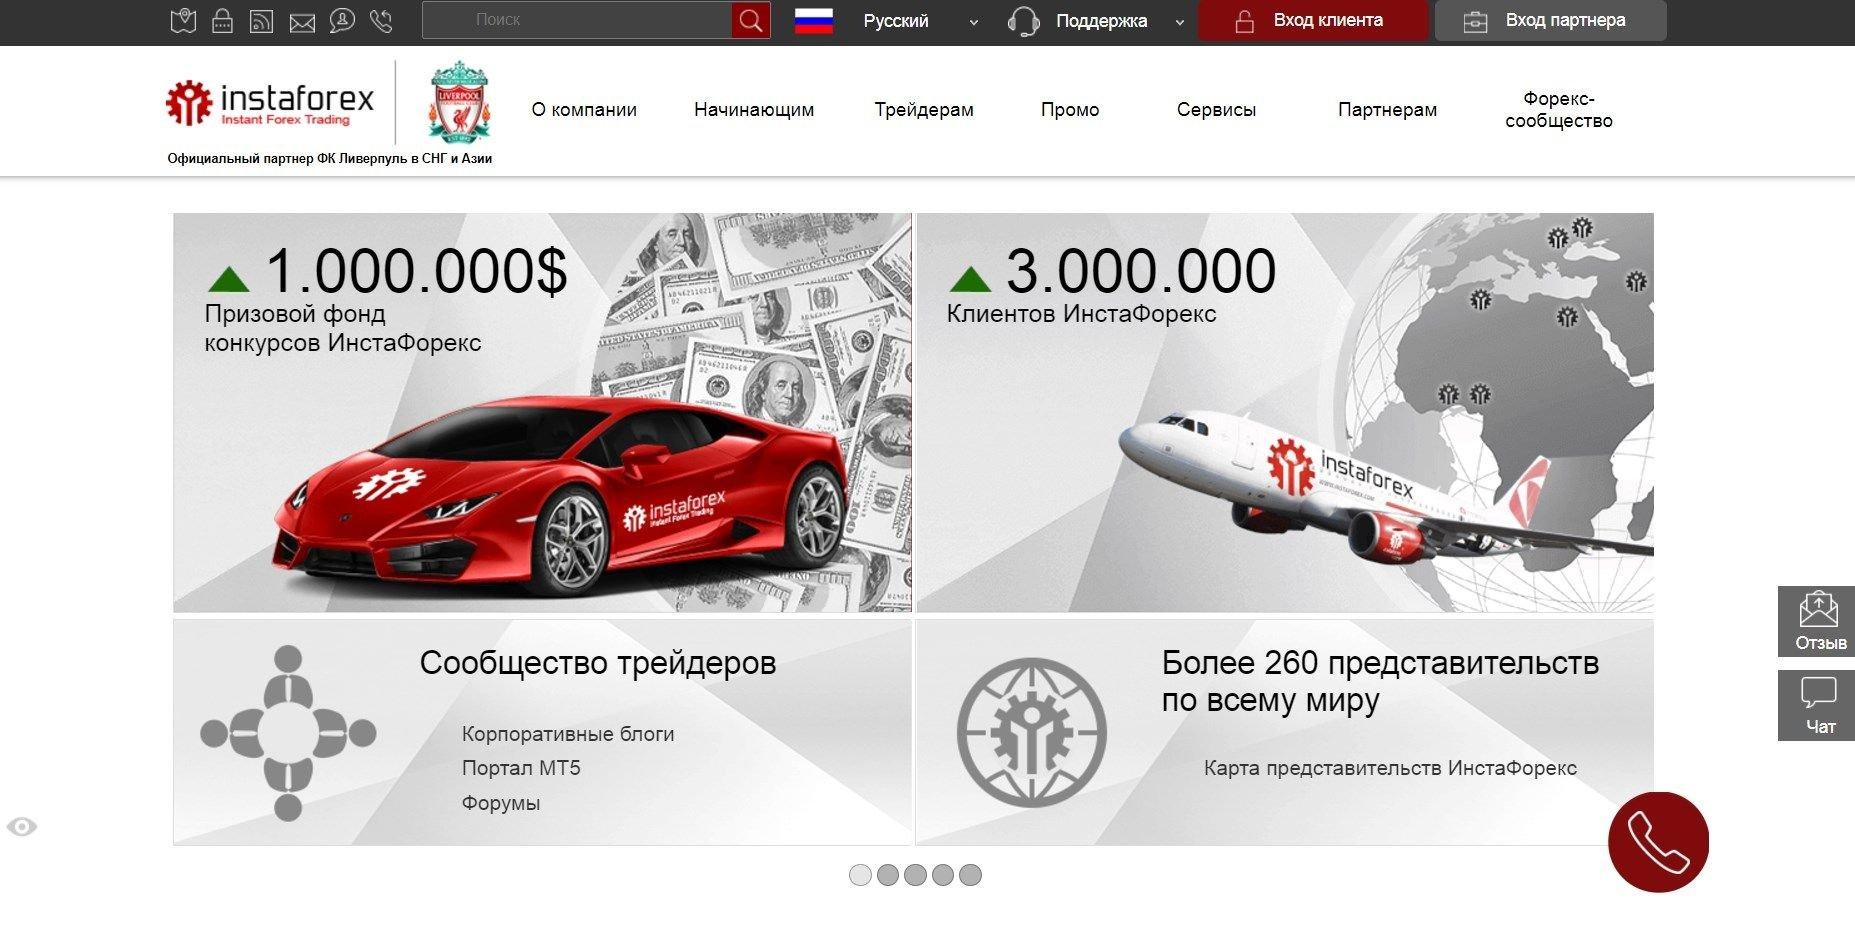 InstaForex, официальный сайт брокера, уделяет внимание обучению клиентов